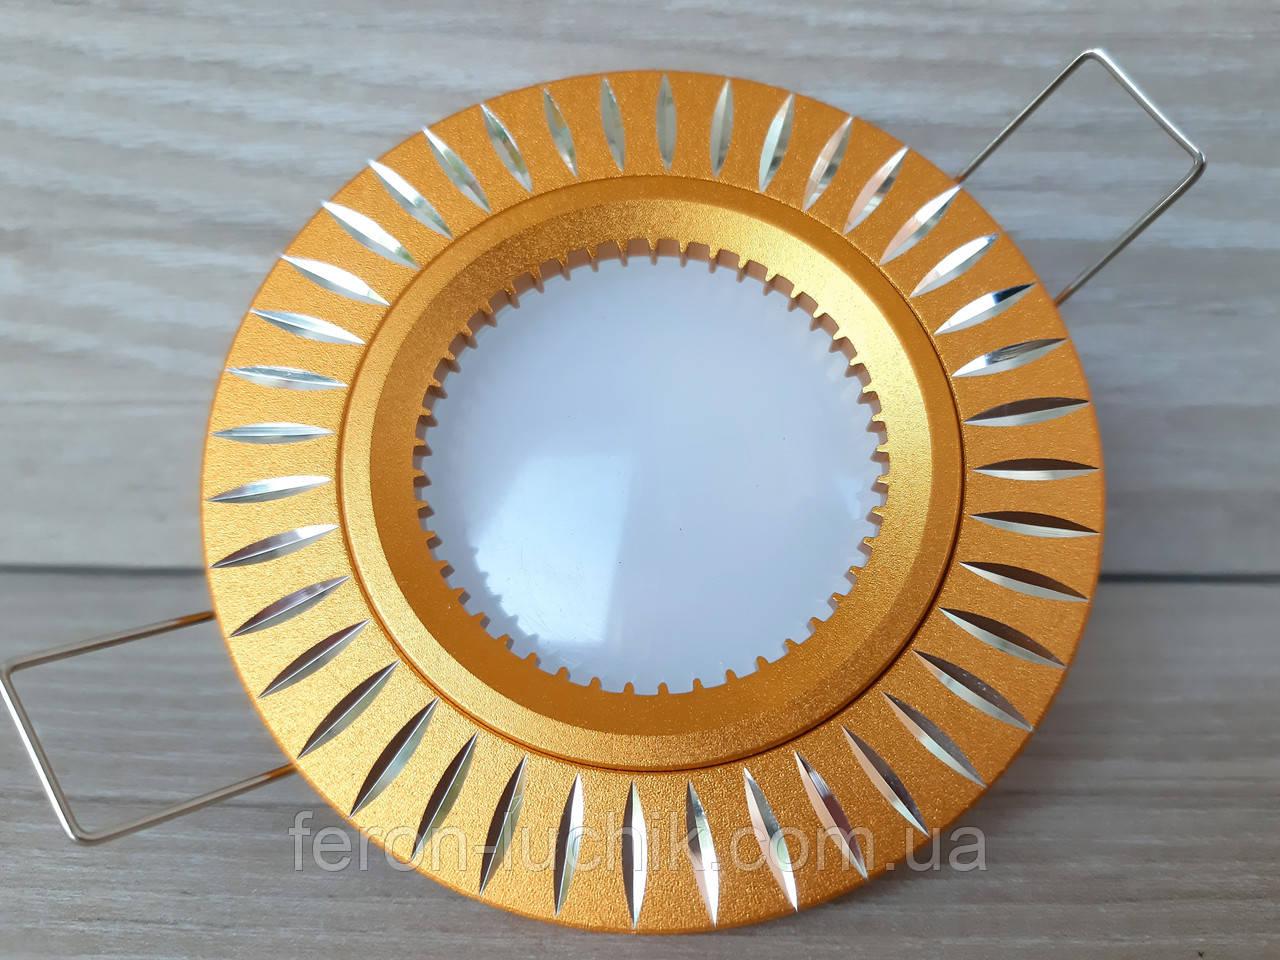 Светильник точечный Feron GS-M394 GU5.3 МR-16 золото